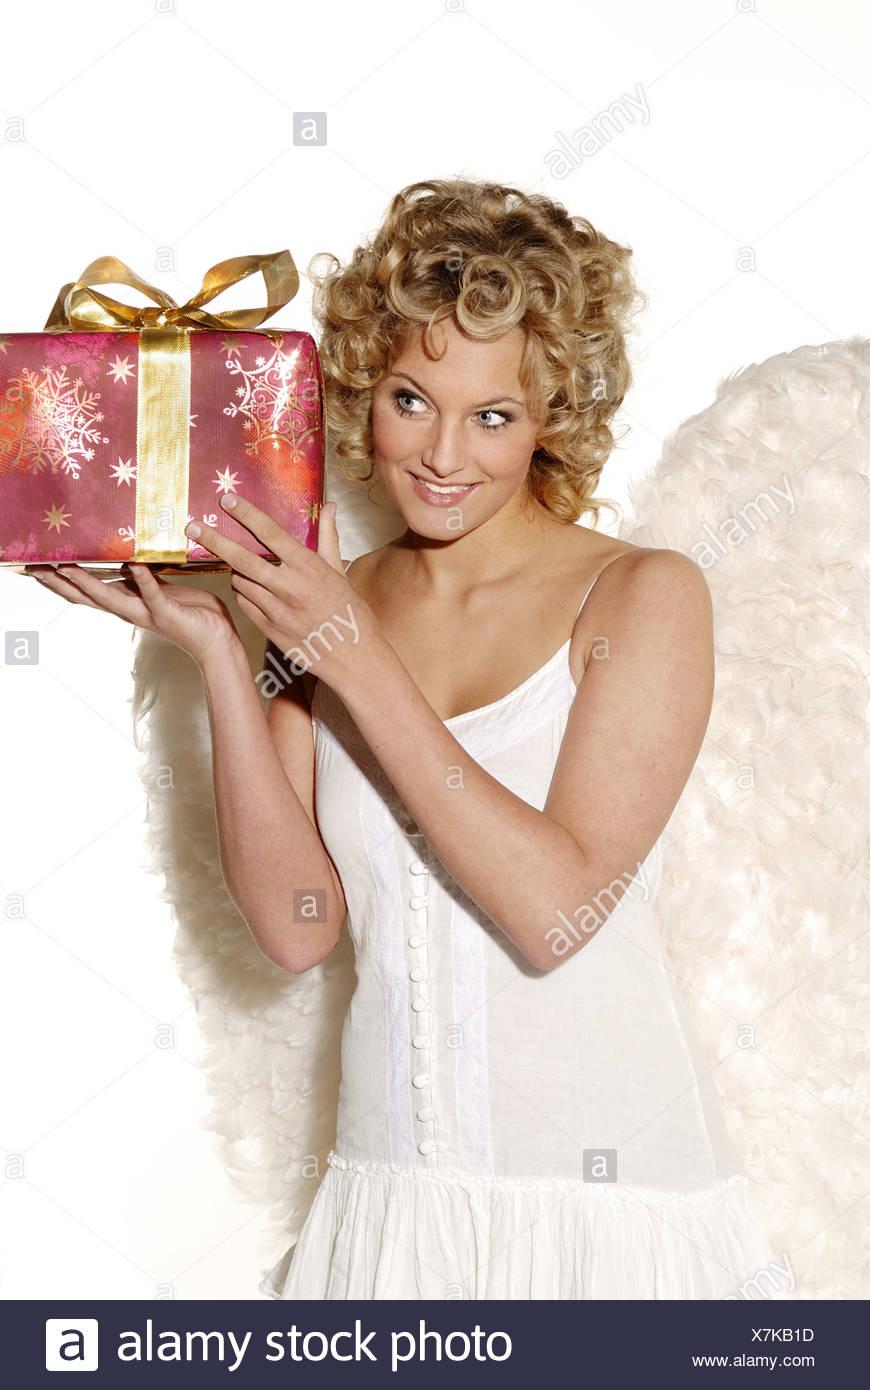 9988c8b1f799 Mujer joven rubia alas de ángel sonriente celebra alegremente-regalo ...